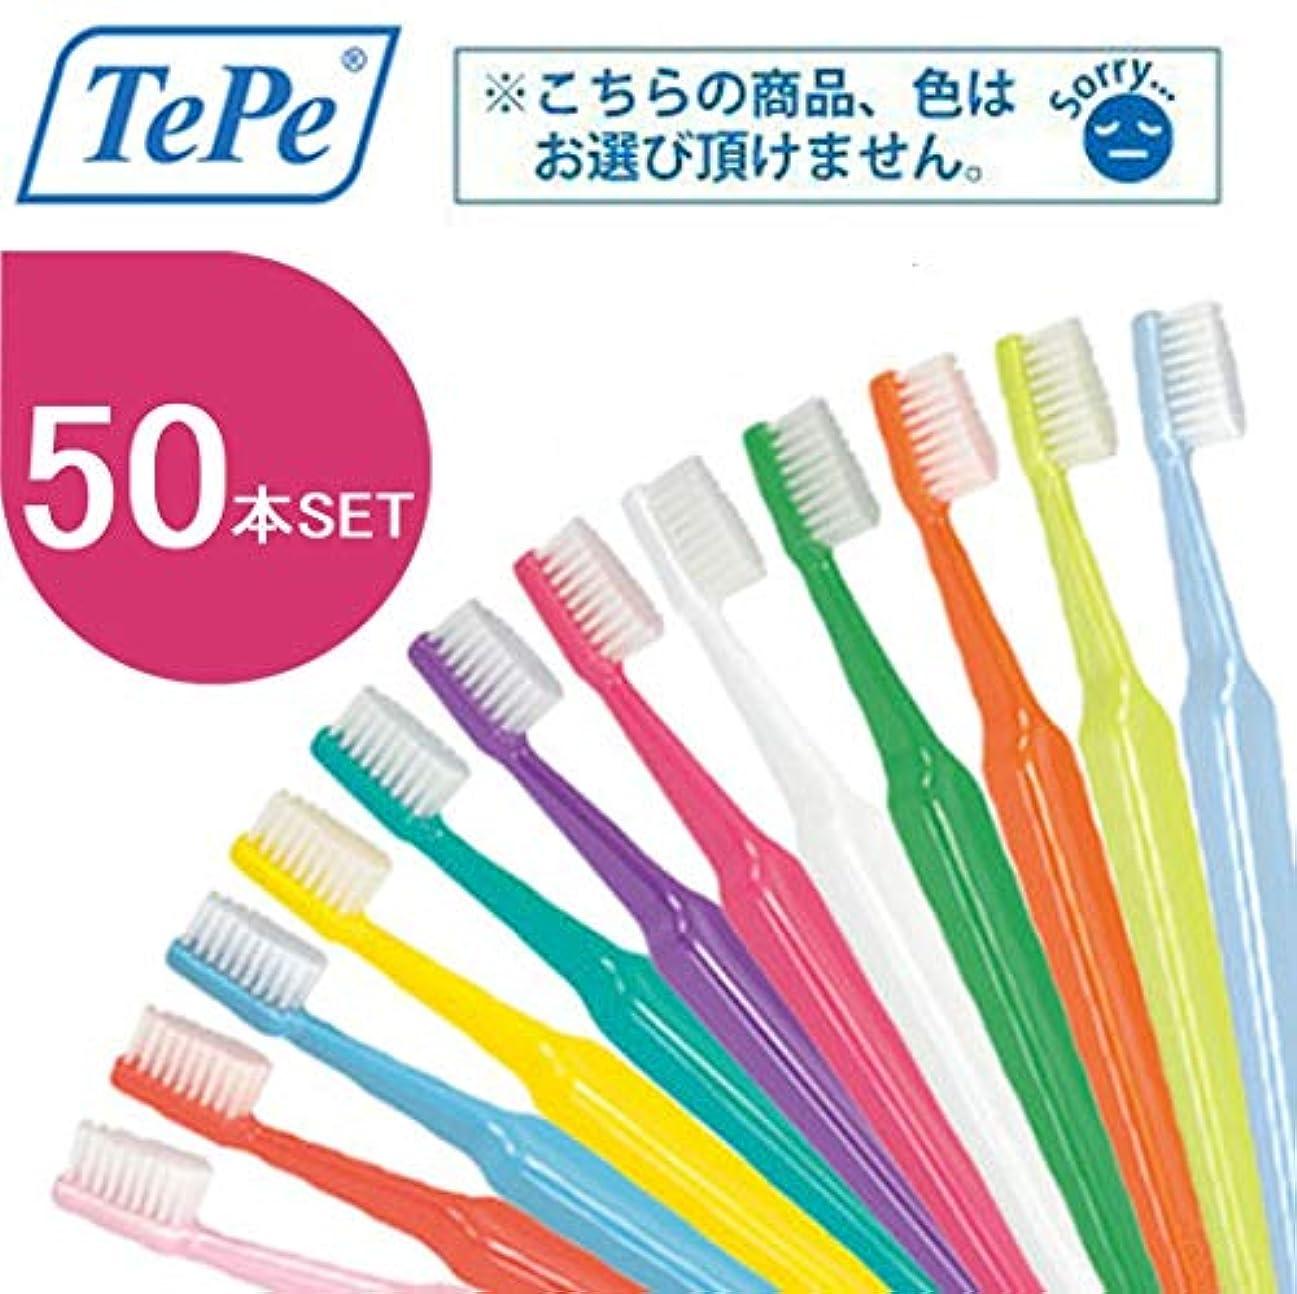 クロスフィールド TePe テペ セレクト 歯ブラシ 50本 (エクストラソフト)